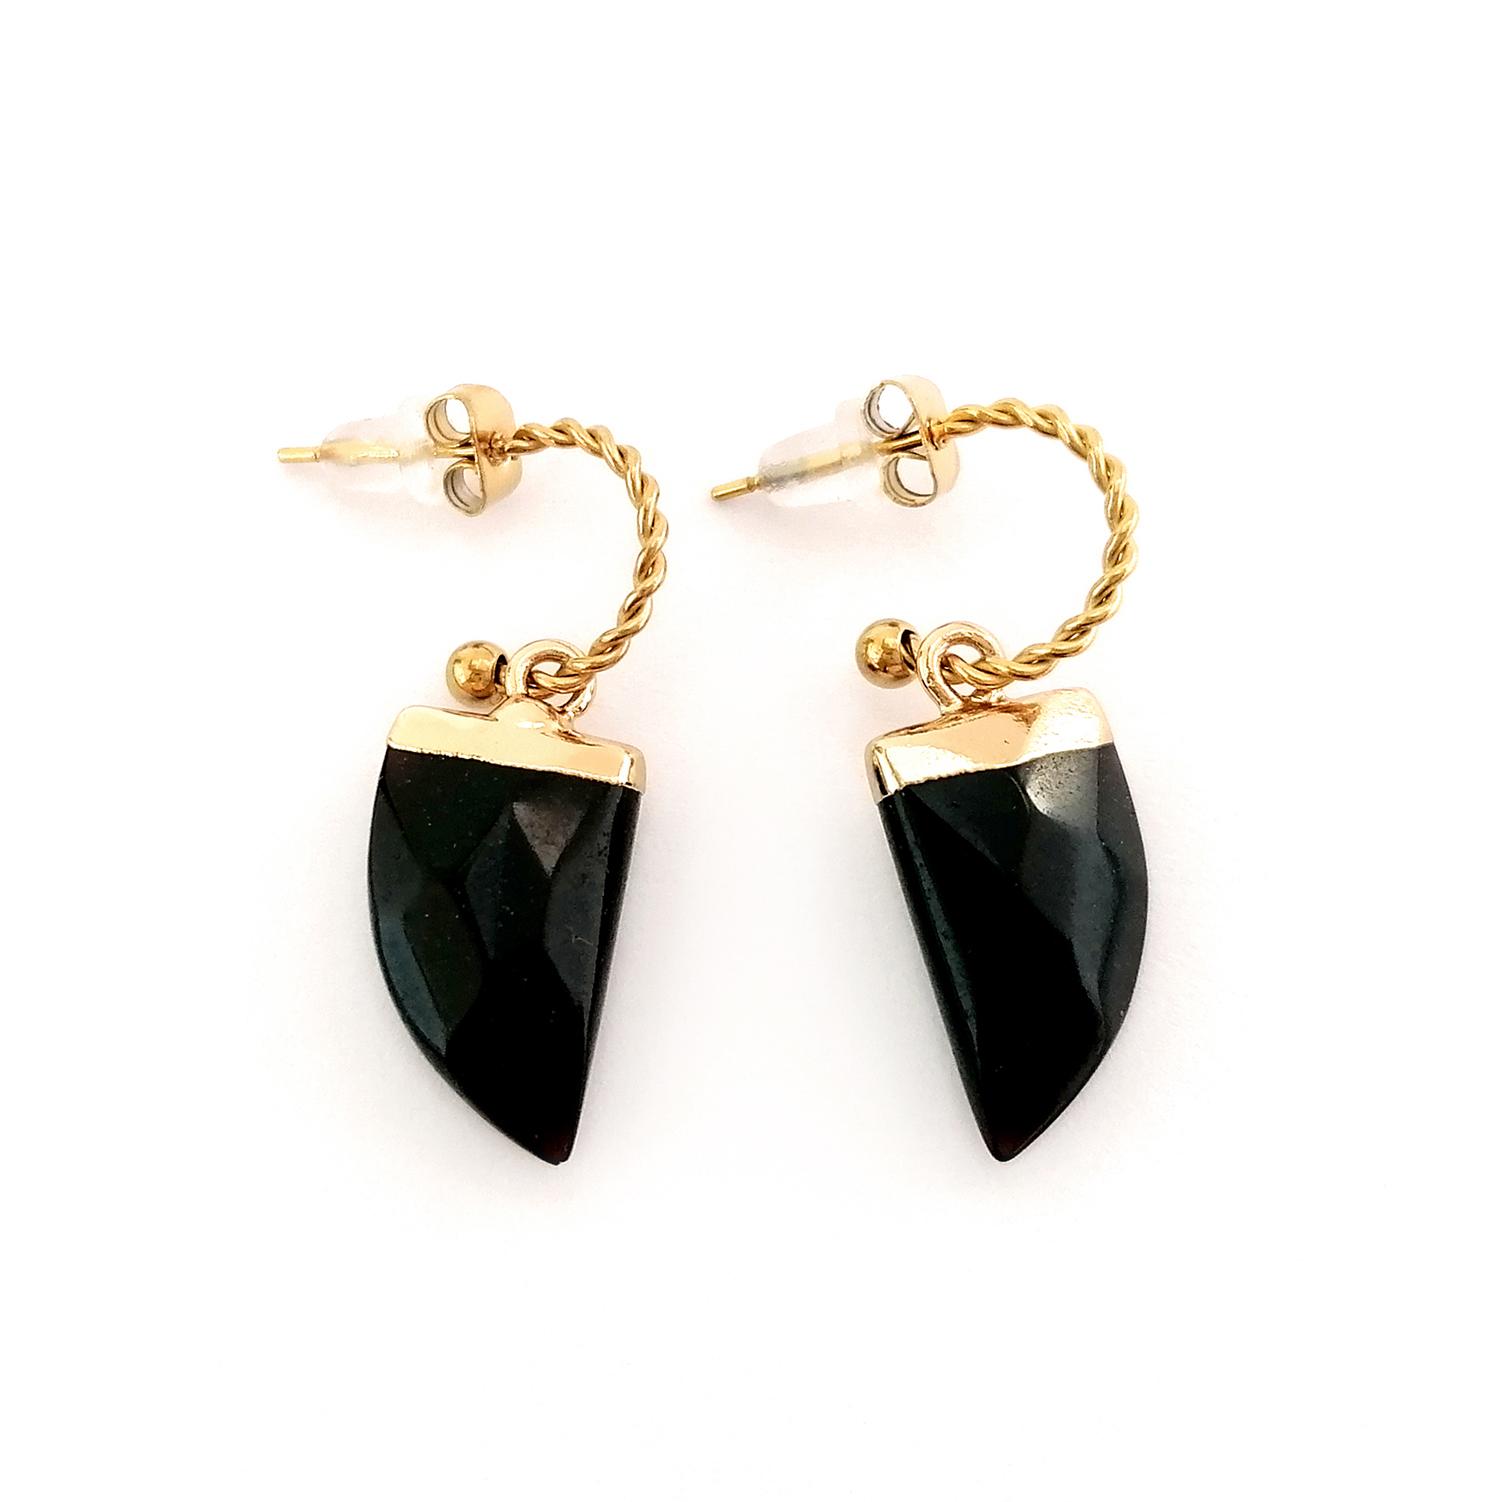 Boucles-d-oreilles-corne-bykloe-bijoux